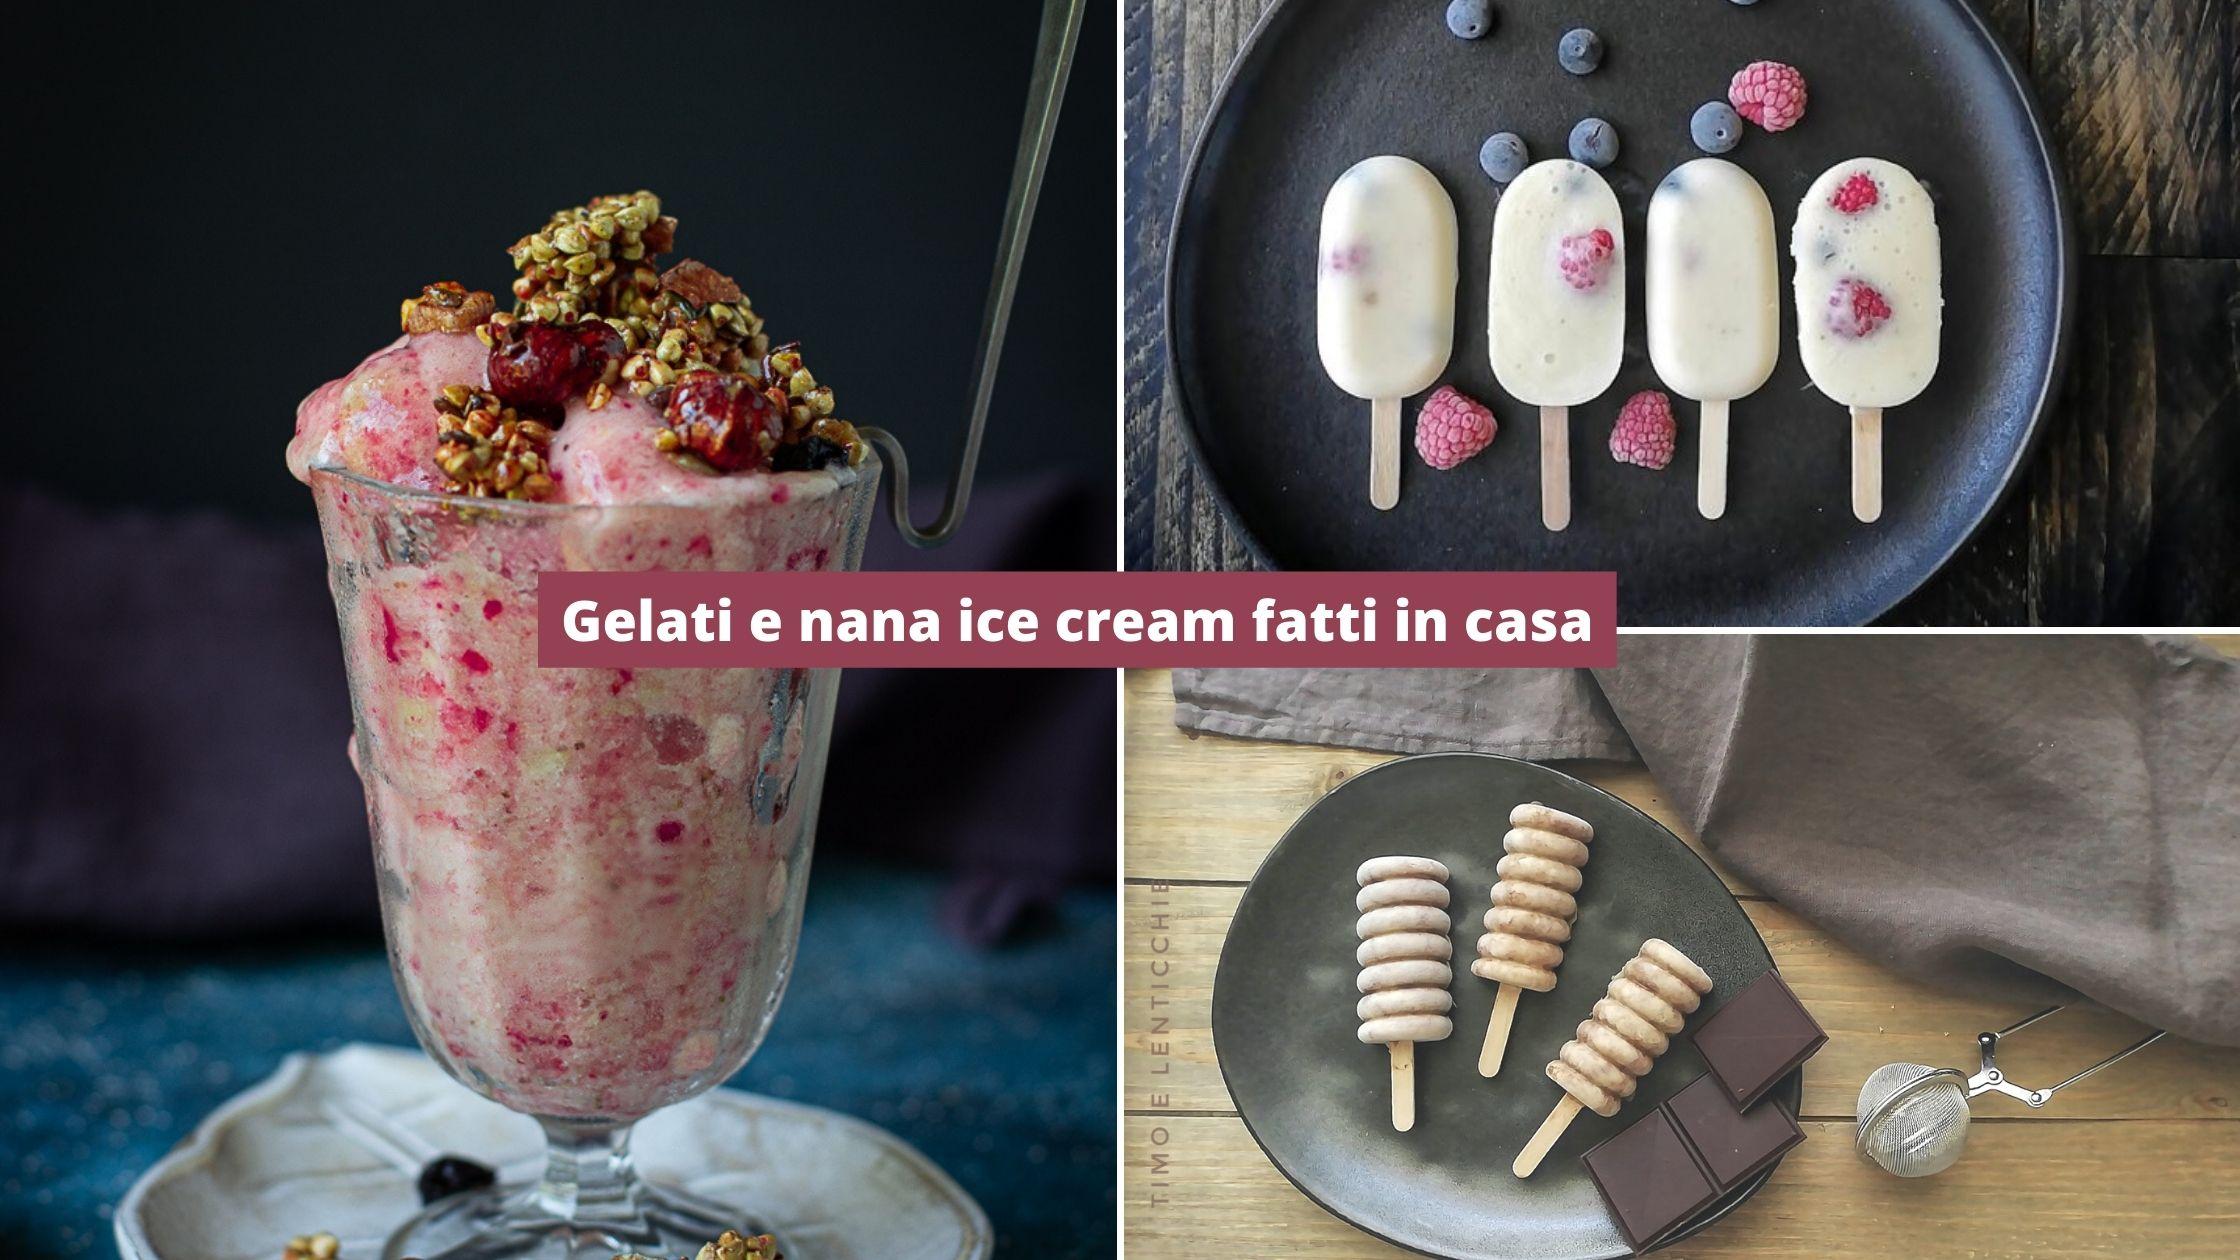 foto Gelati e nana ice cream fatti in casa